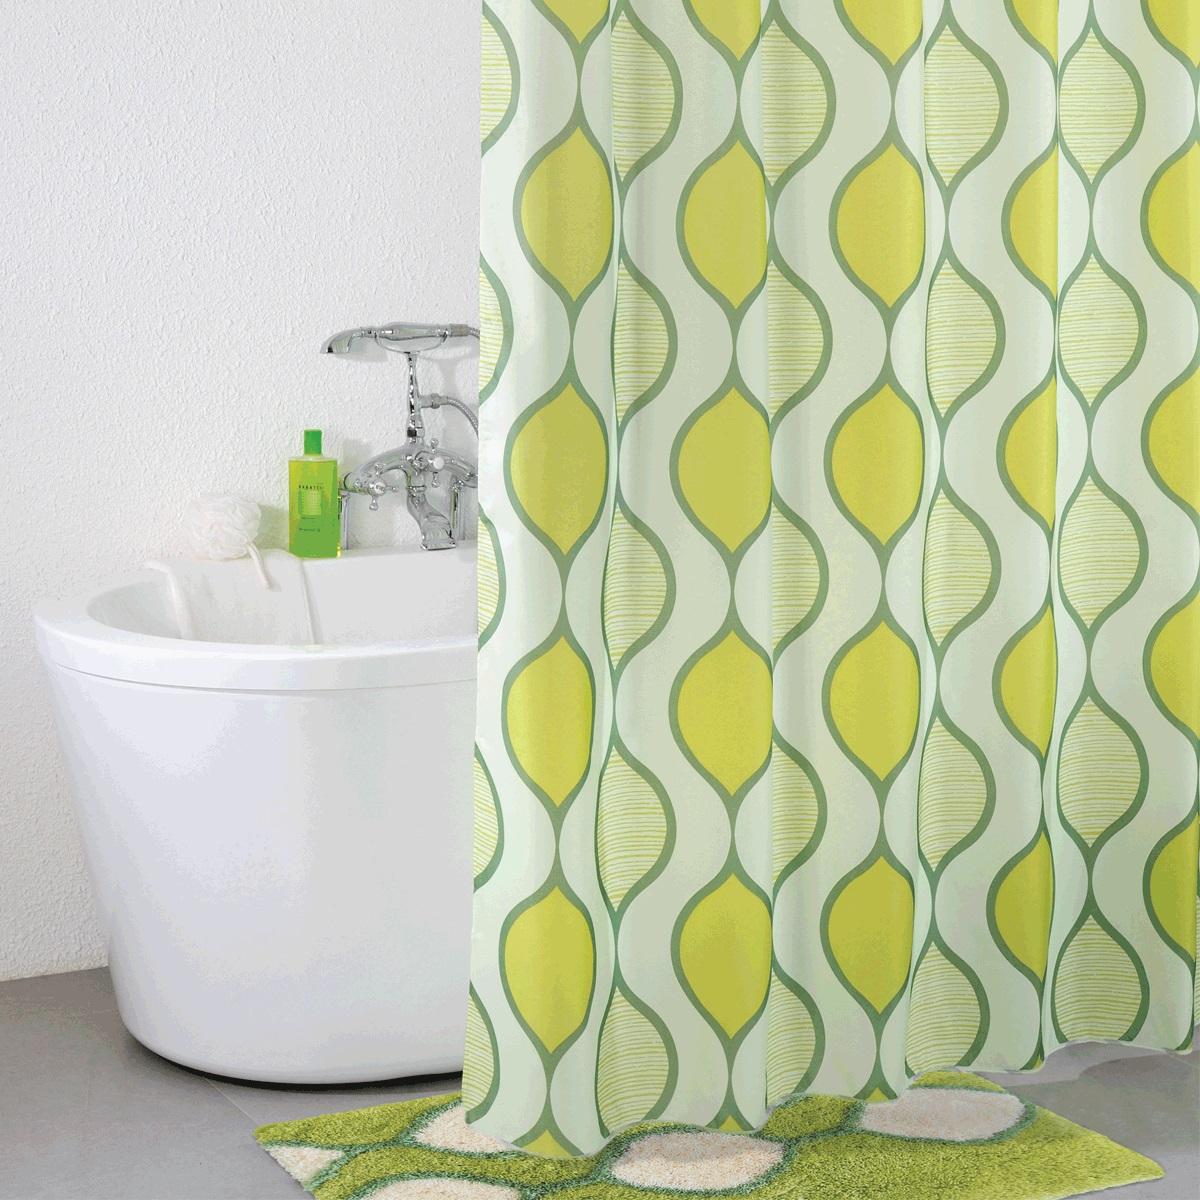 Штора для ванной Iddis Curved Lines Green, цвет: зеленый, 200 x 200 см коврик для ванной iddis curved lines 50x80 см 402a580i12 page 5